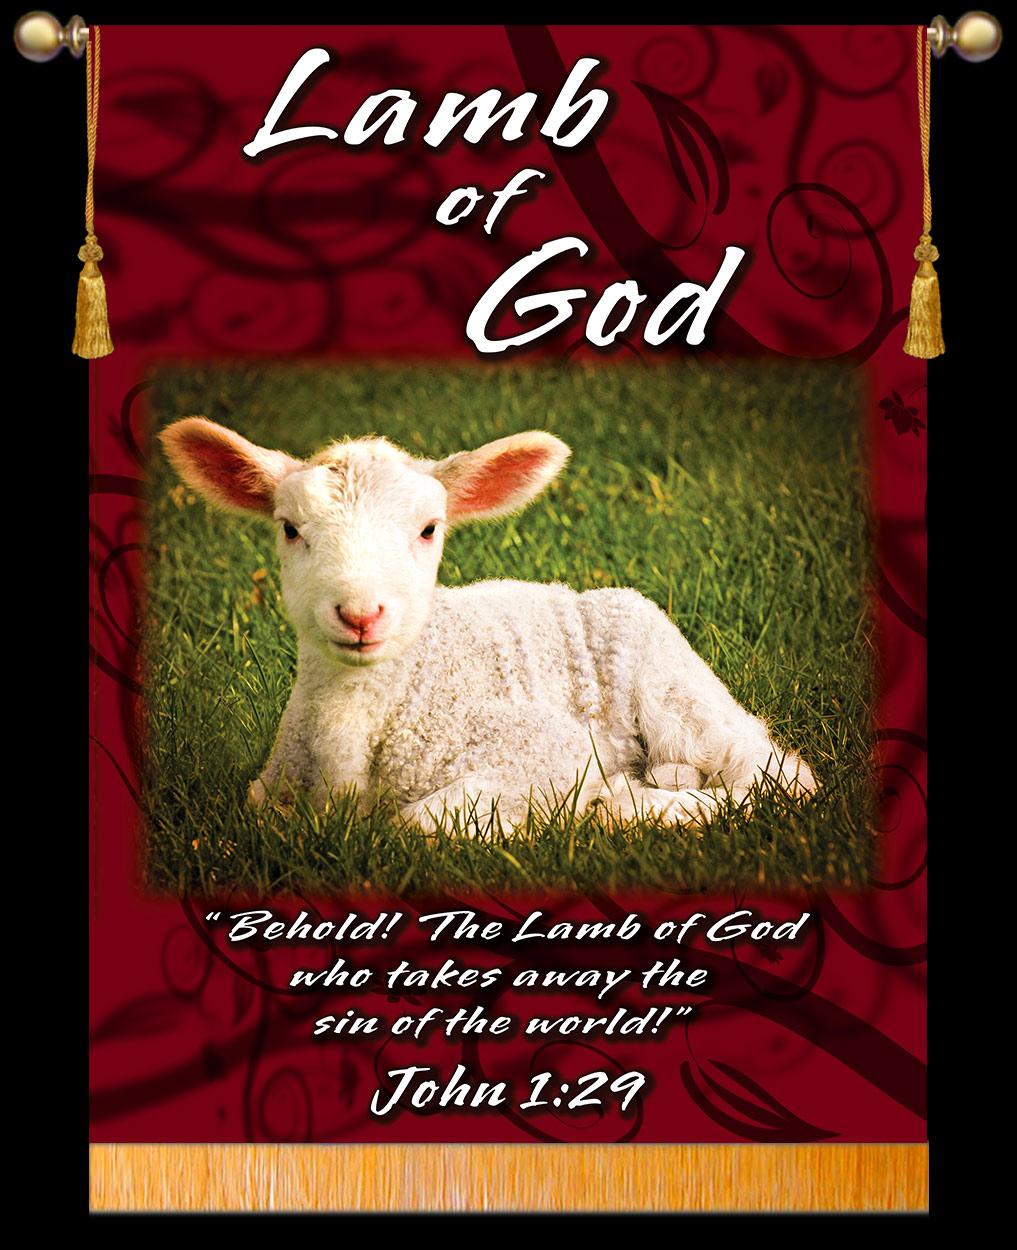 lamb-of-god-printed.jpg